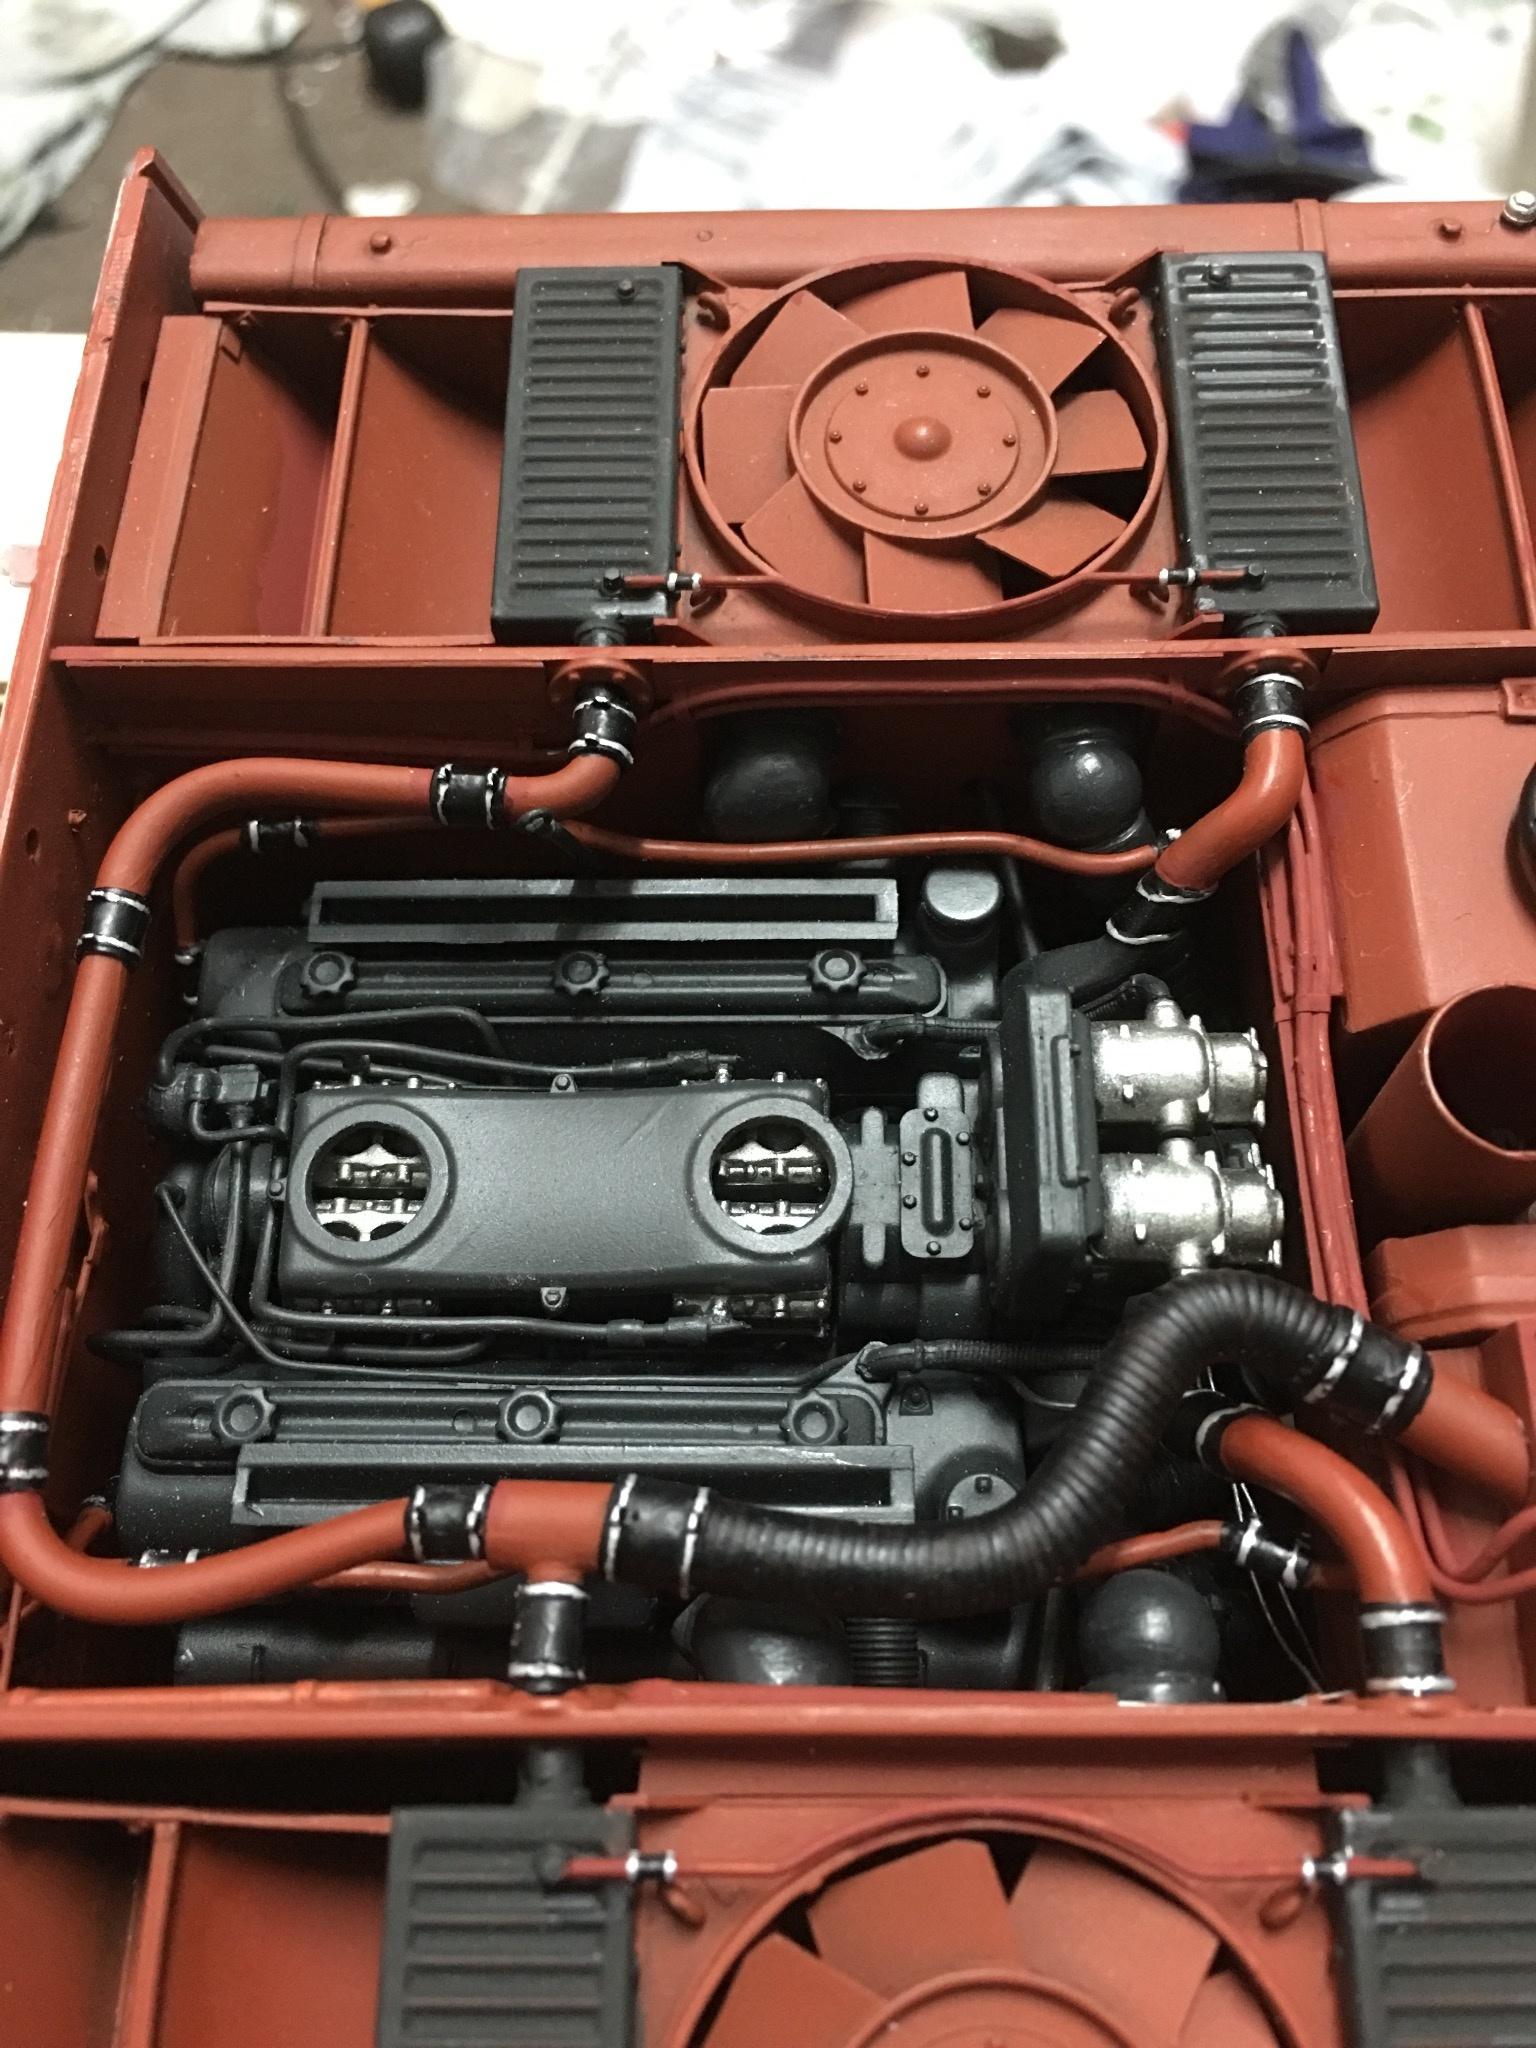 7D6E59B9-CBE5-4A97-90AA-4B484A690136.jpeg